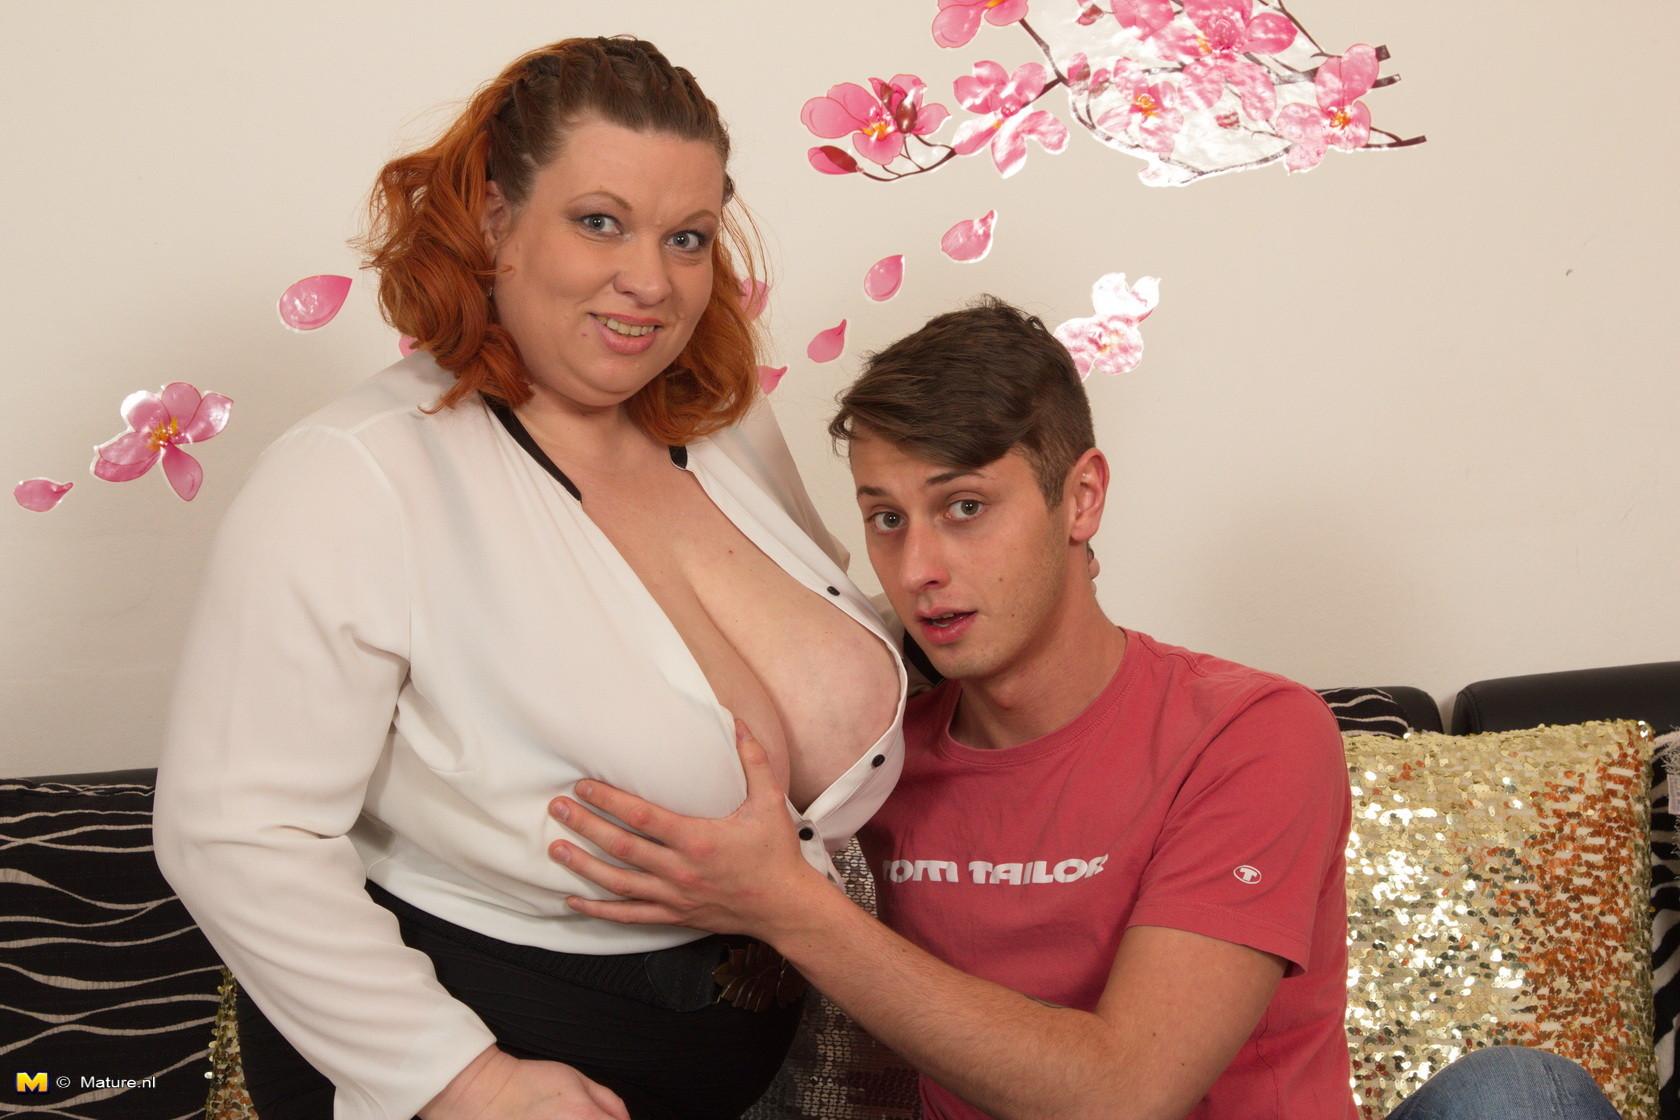 Женщина шокирует молодого парня объемом своих грудей